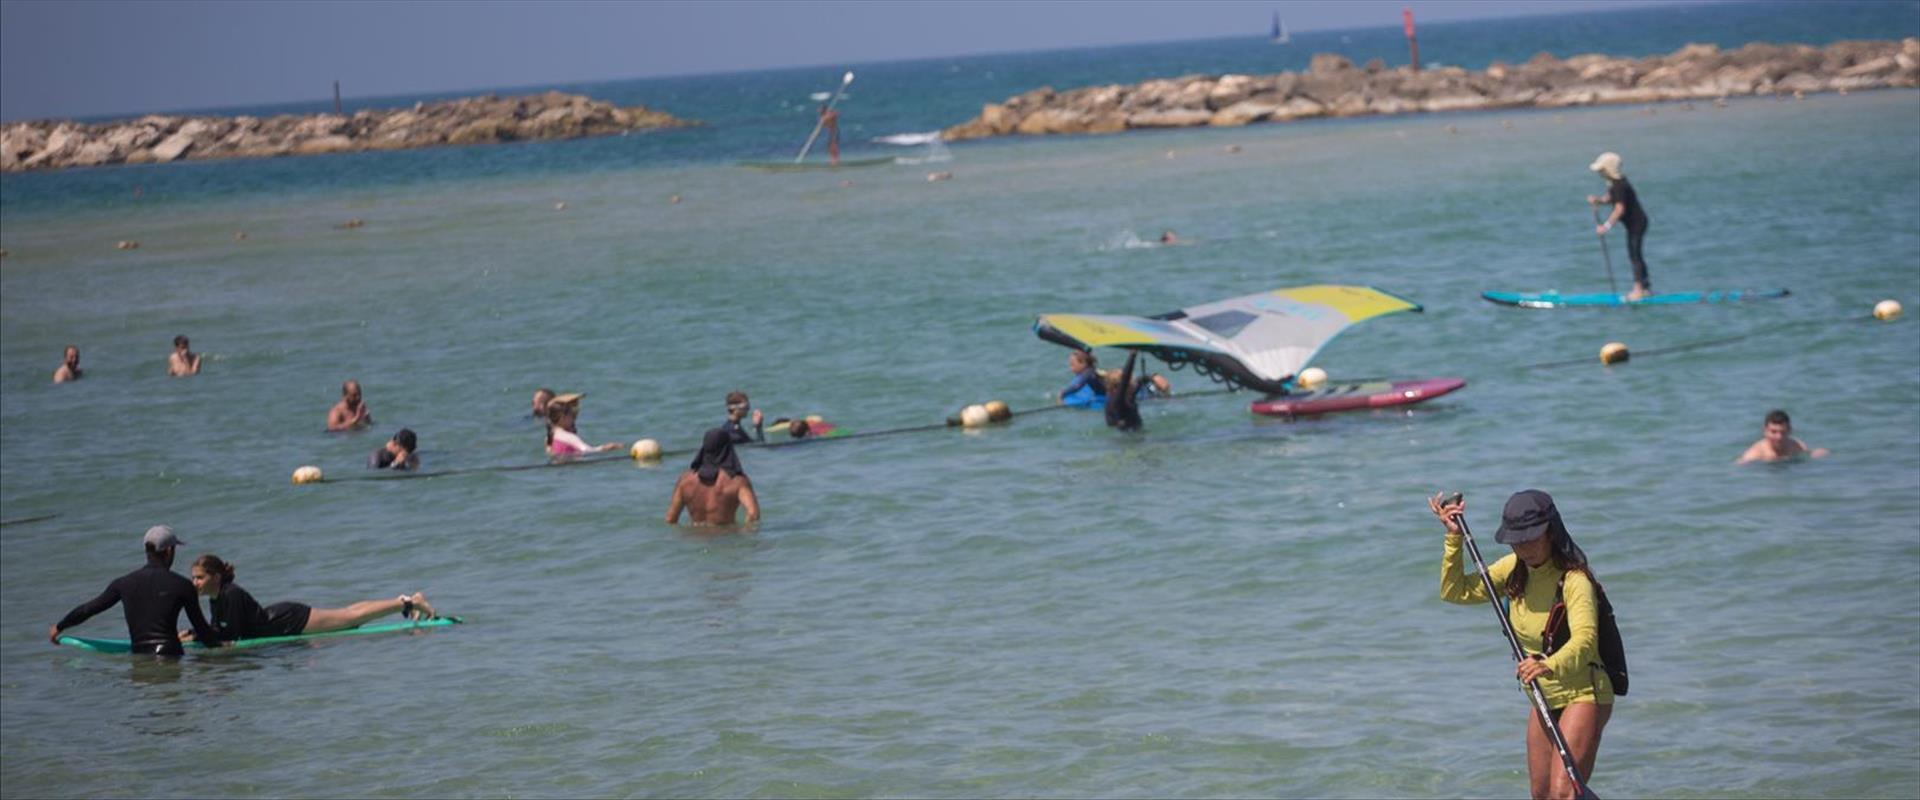 חוף הים תל אביב, 29.06.21